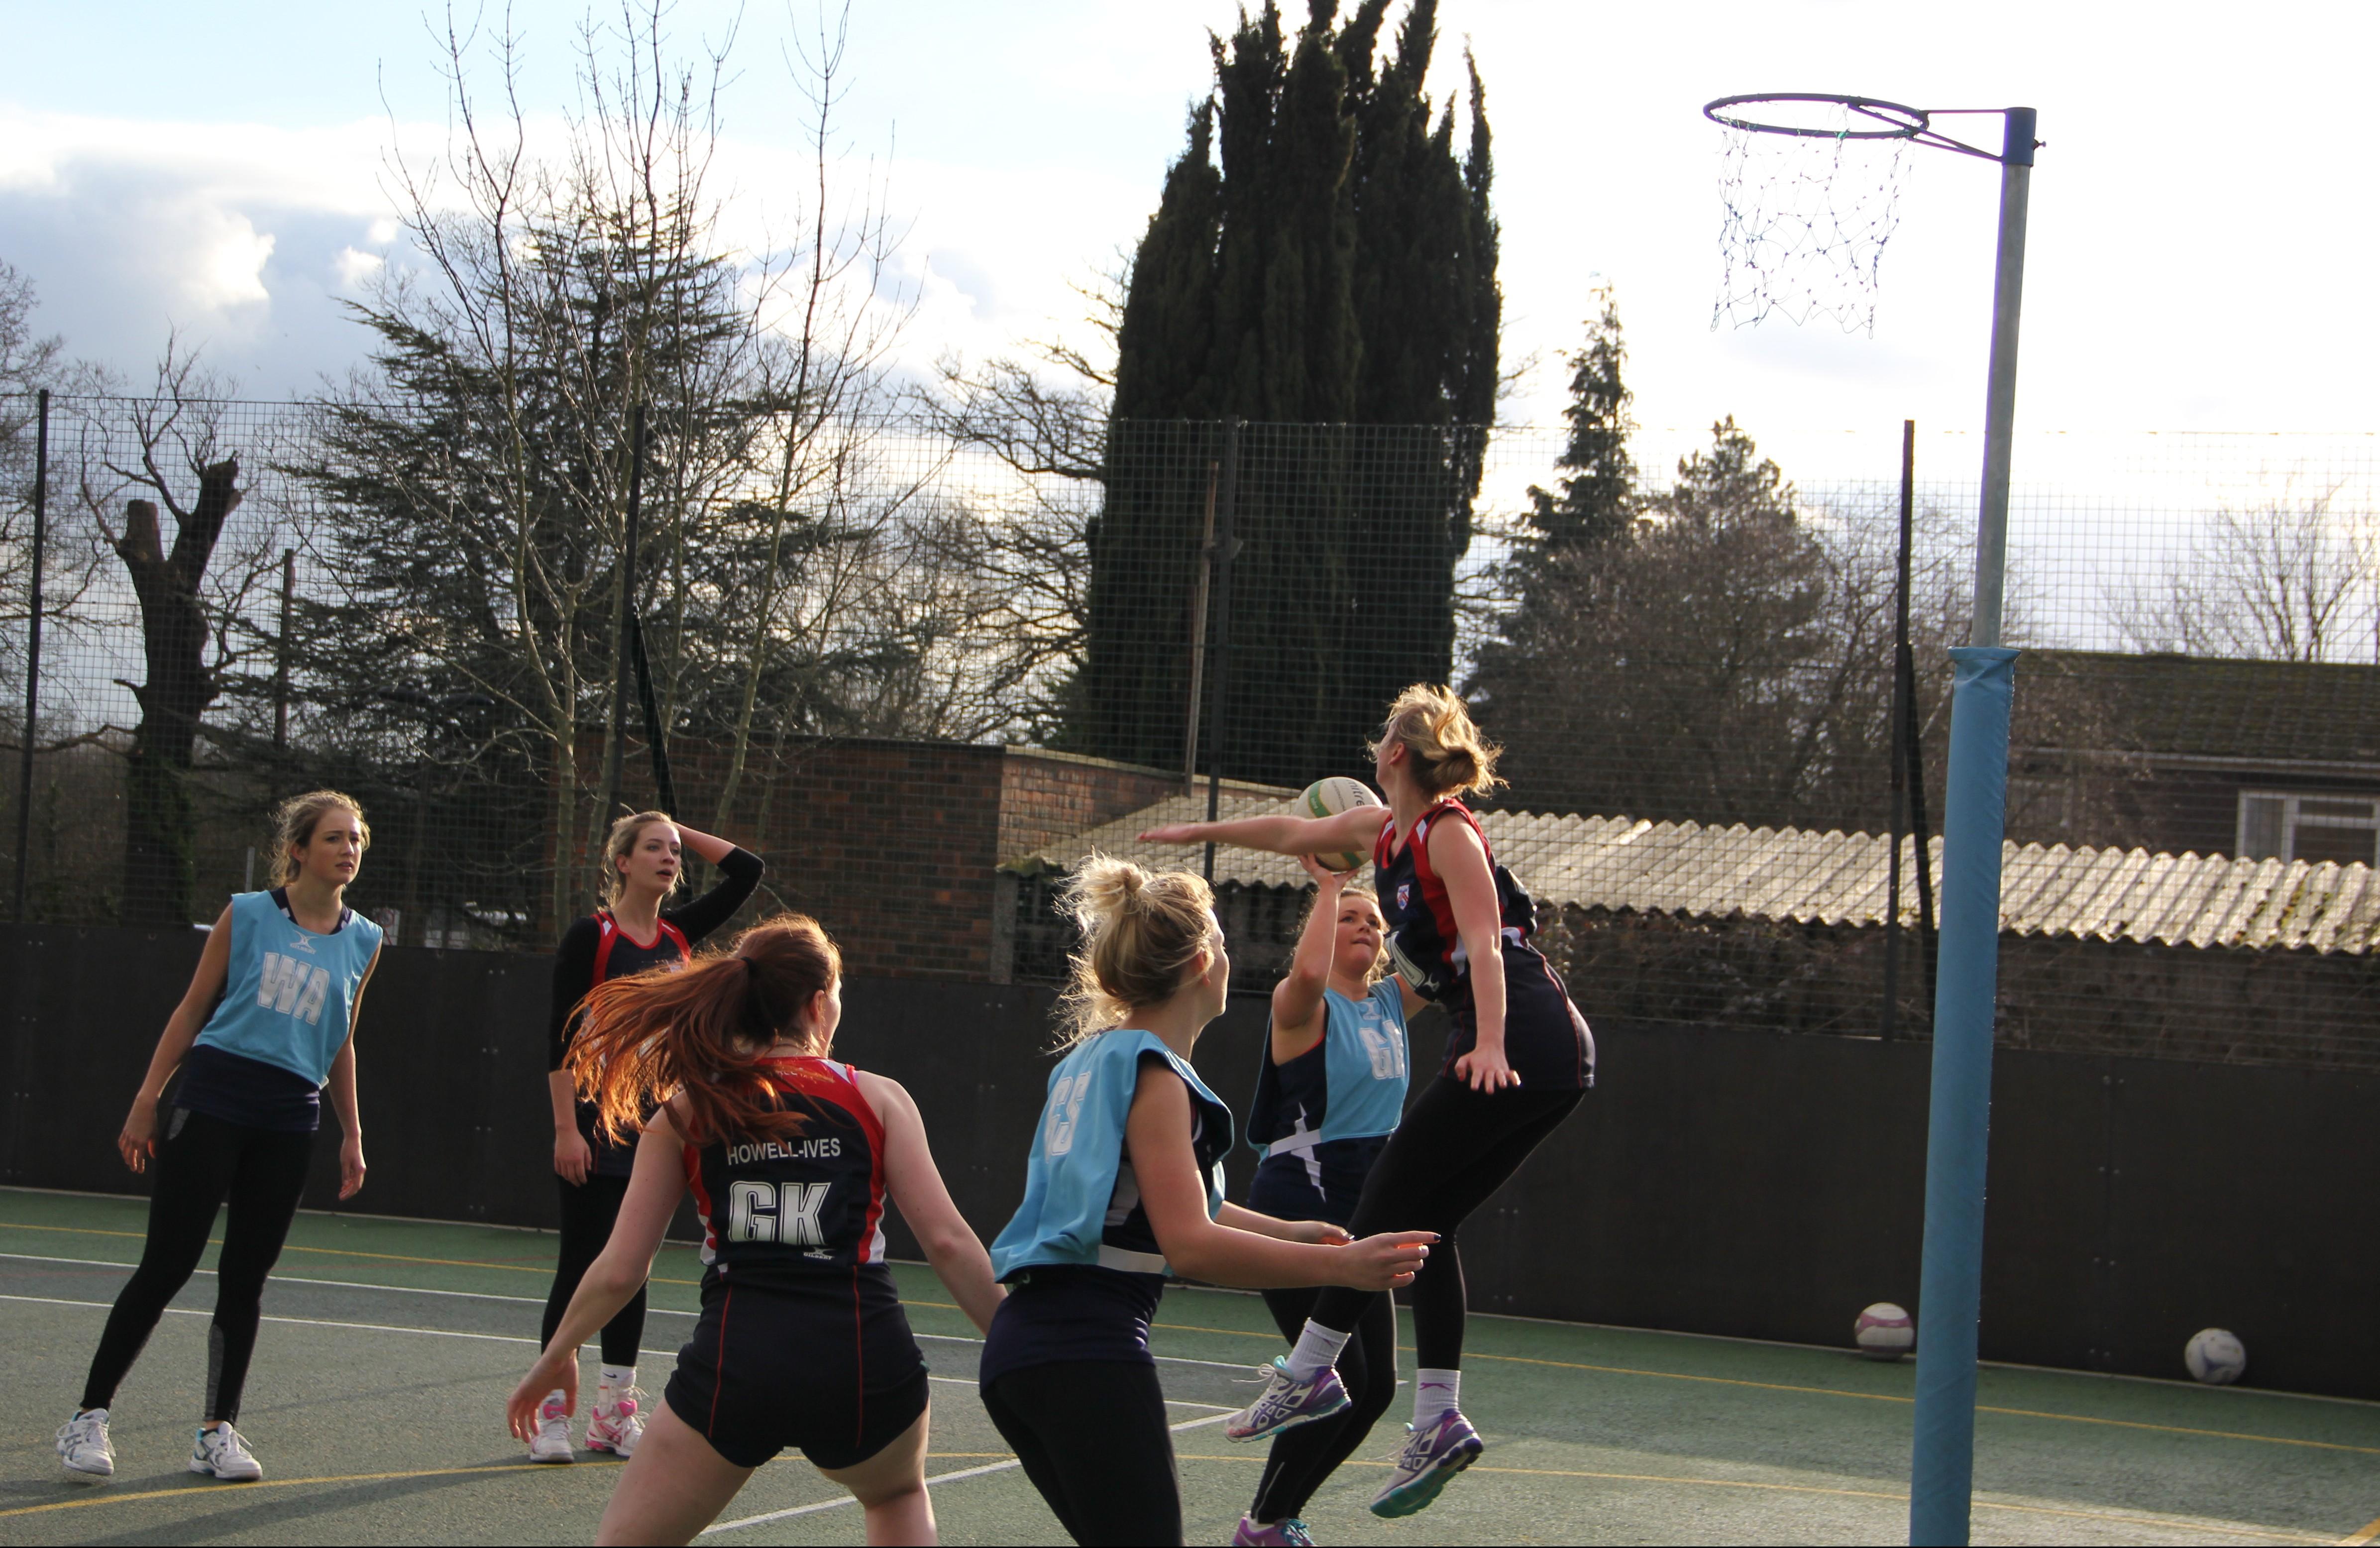 Cougars' netball sabotaged by KU